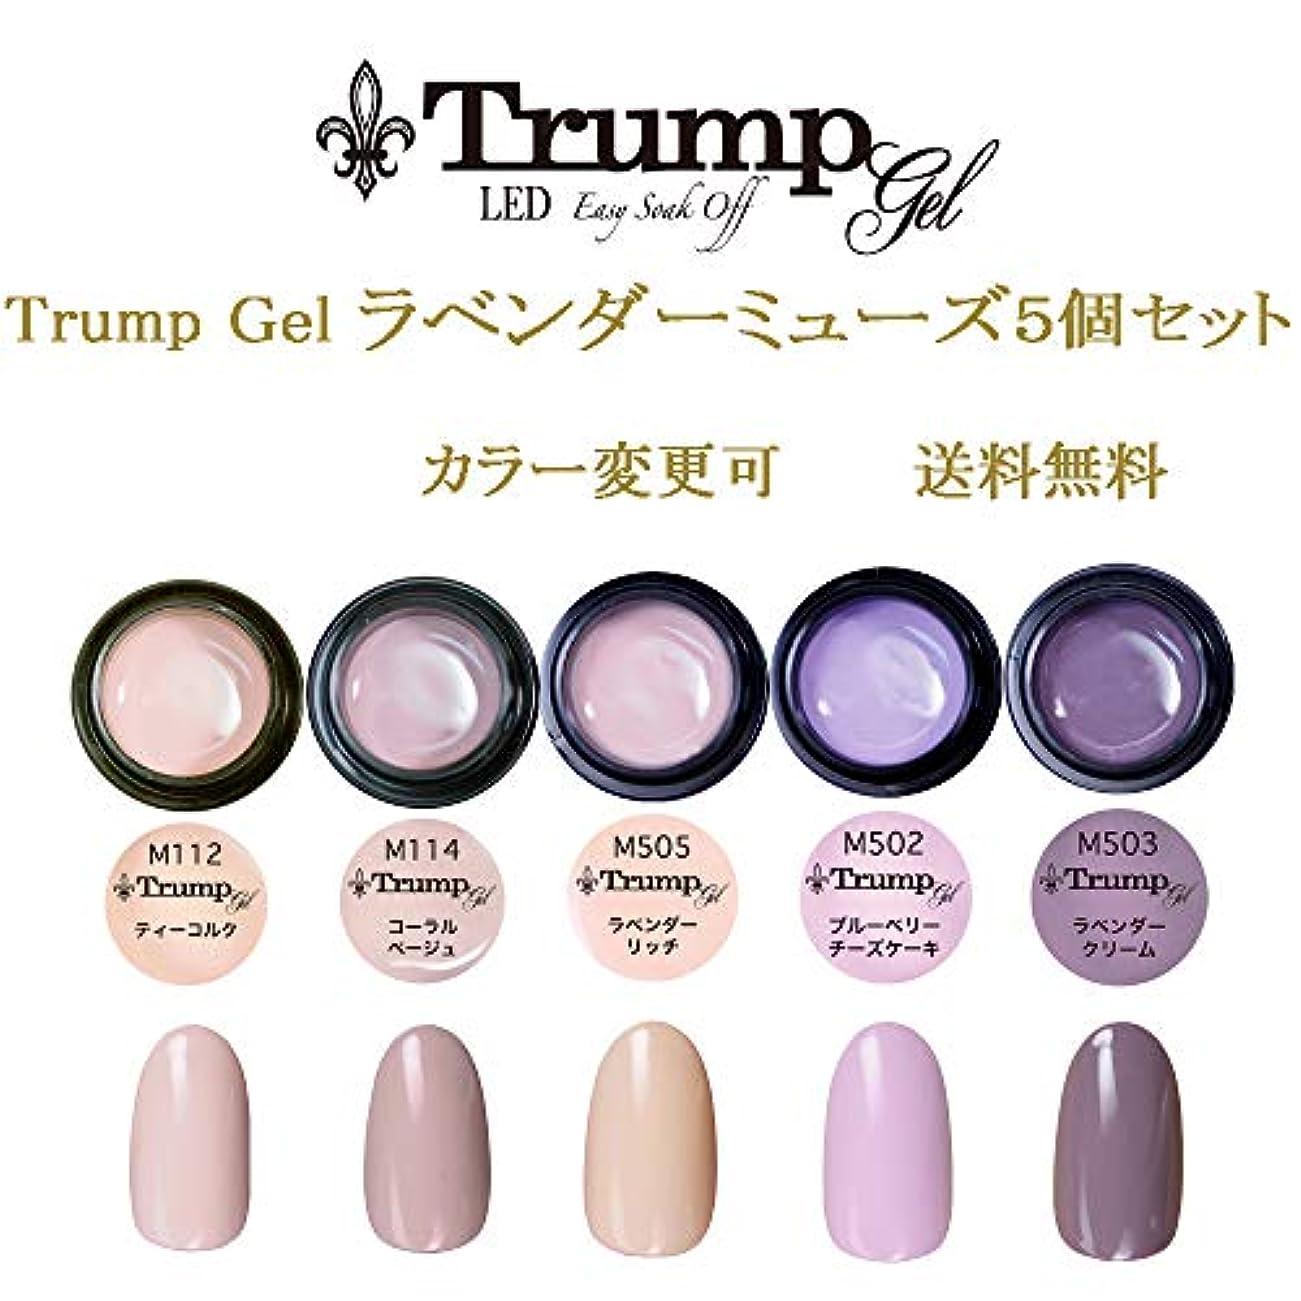 お勧め眉をひそめるリハーサル日本製 Trump gel トランプジェル ラベンダーミューズカラー 選べる カラージェル 5個セット ピンク ベージュ ラベンダーカラー